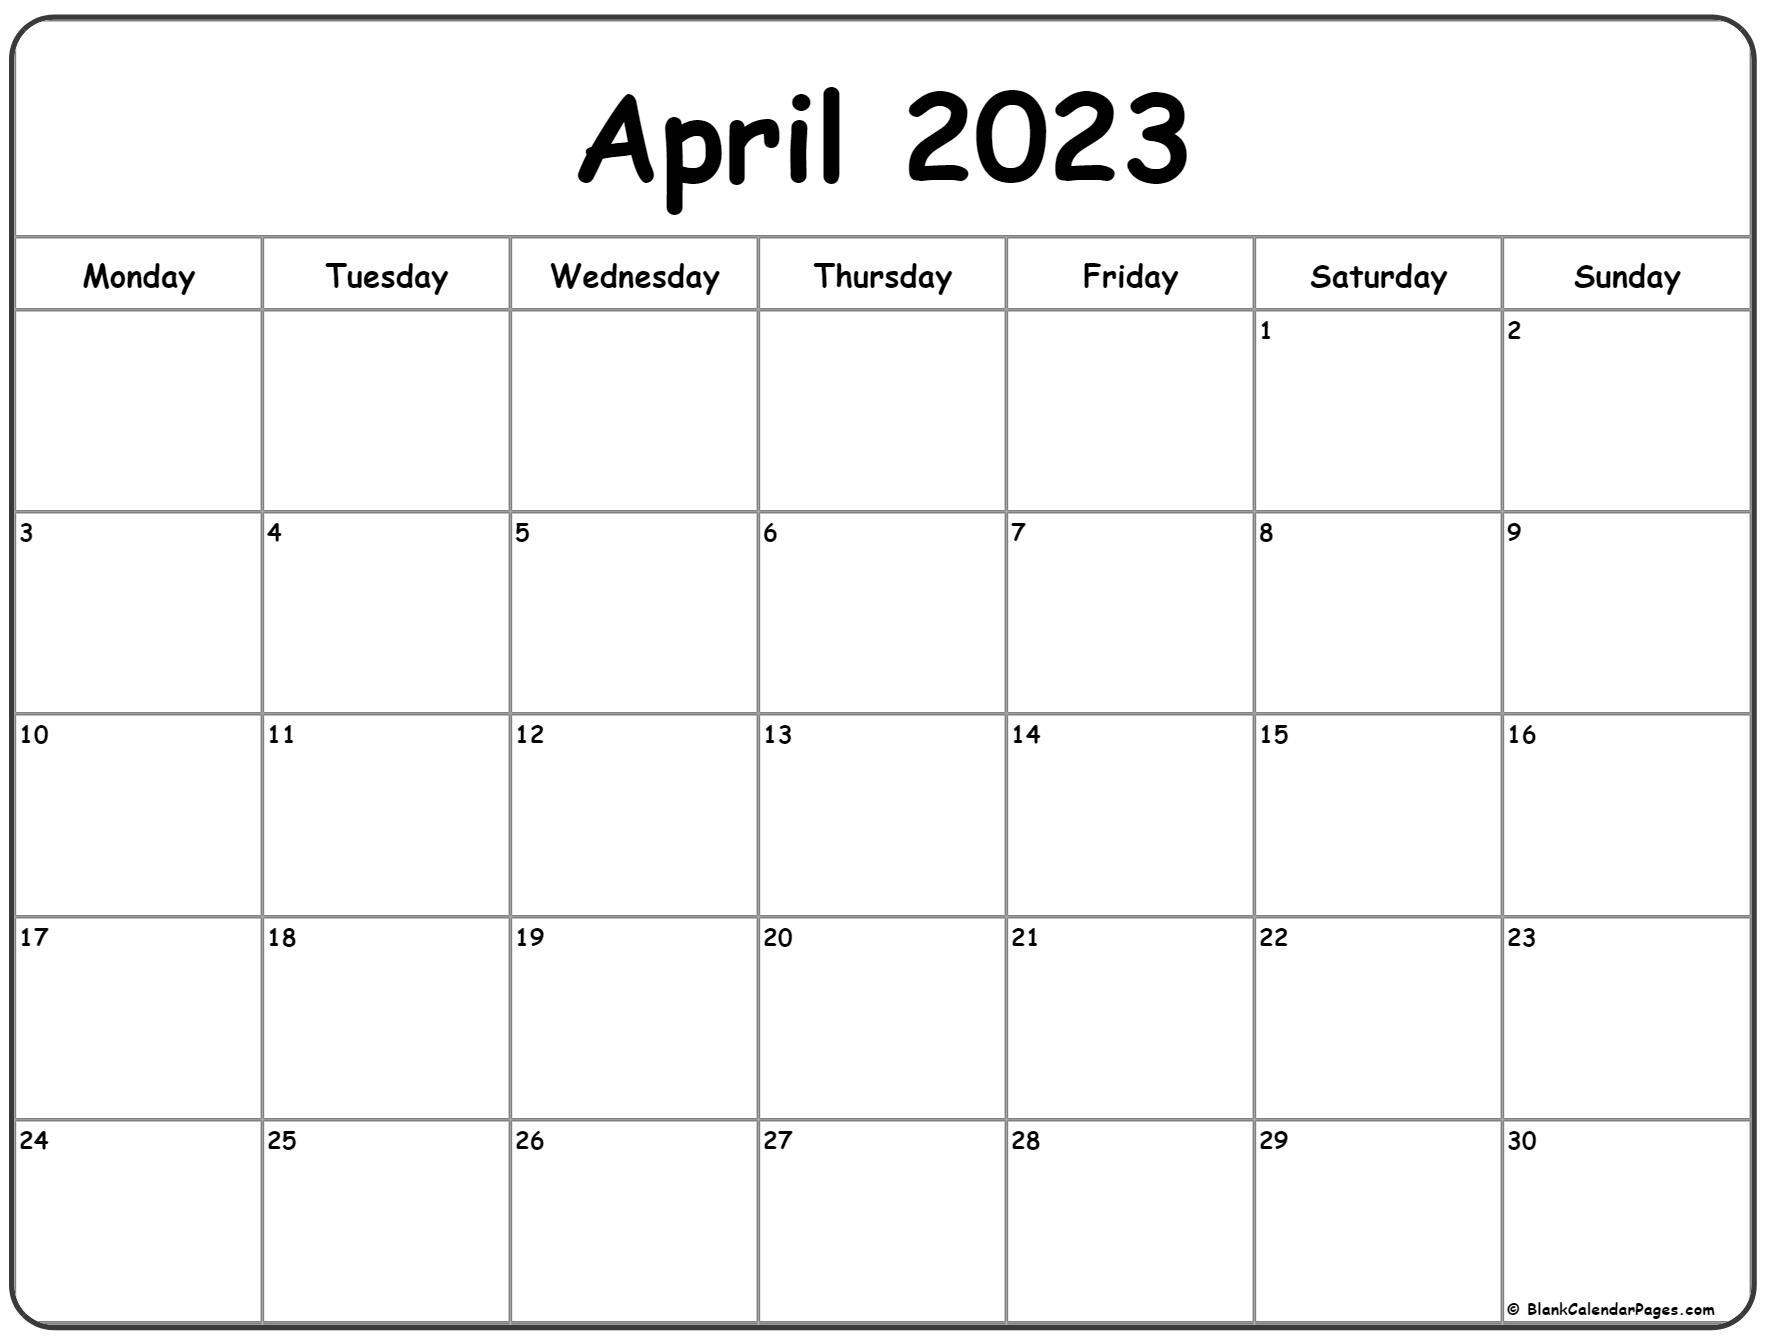 April 2023 Monday calendar. Monday to Sunday